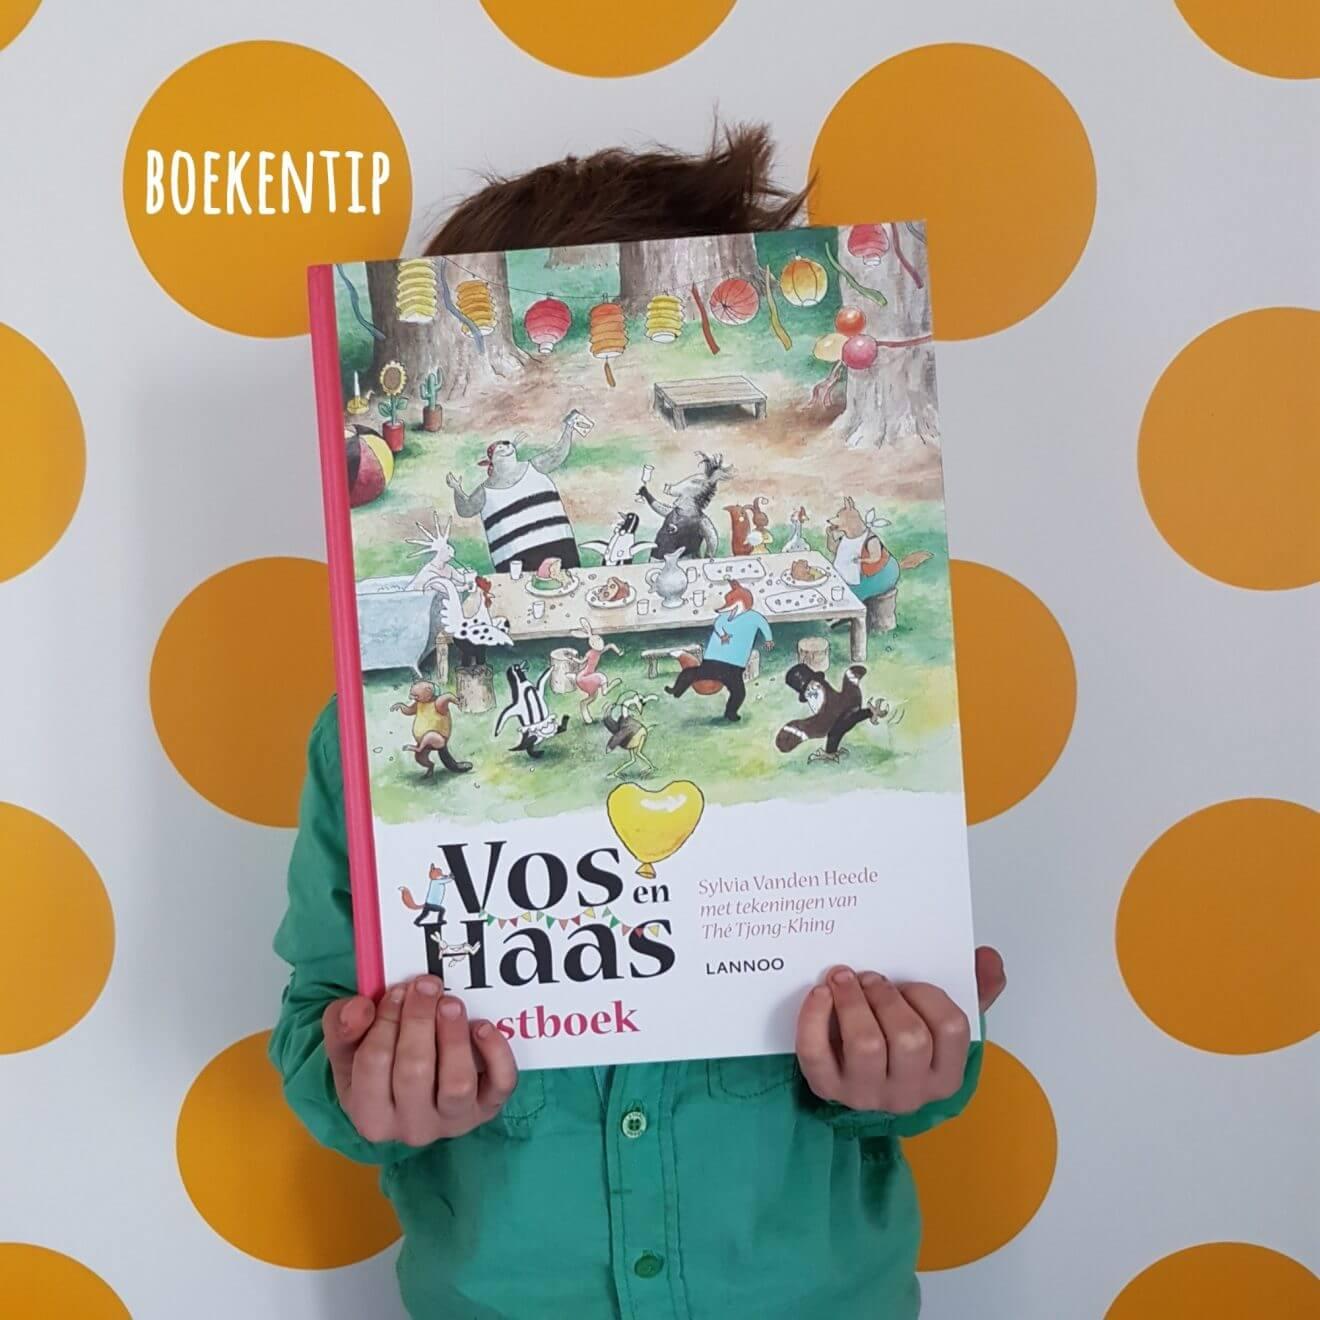 Boekentip voor jonge lezers: het feestboek van Vos en Haas